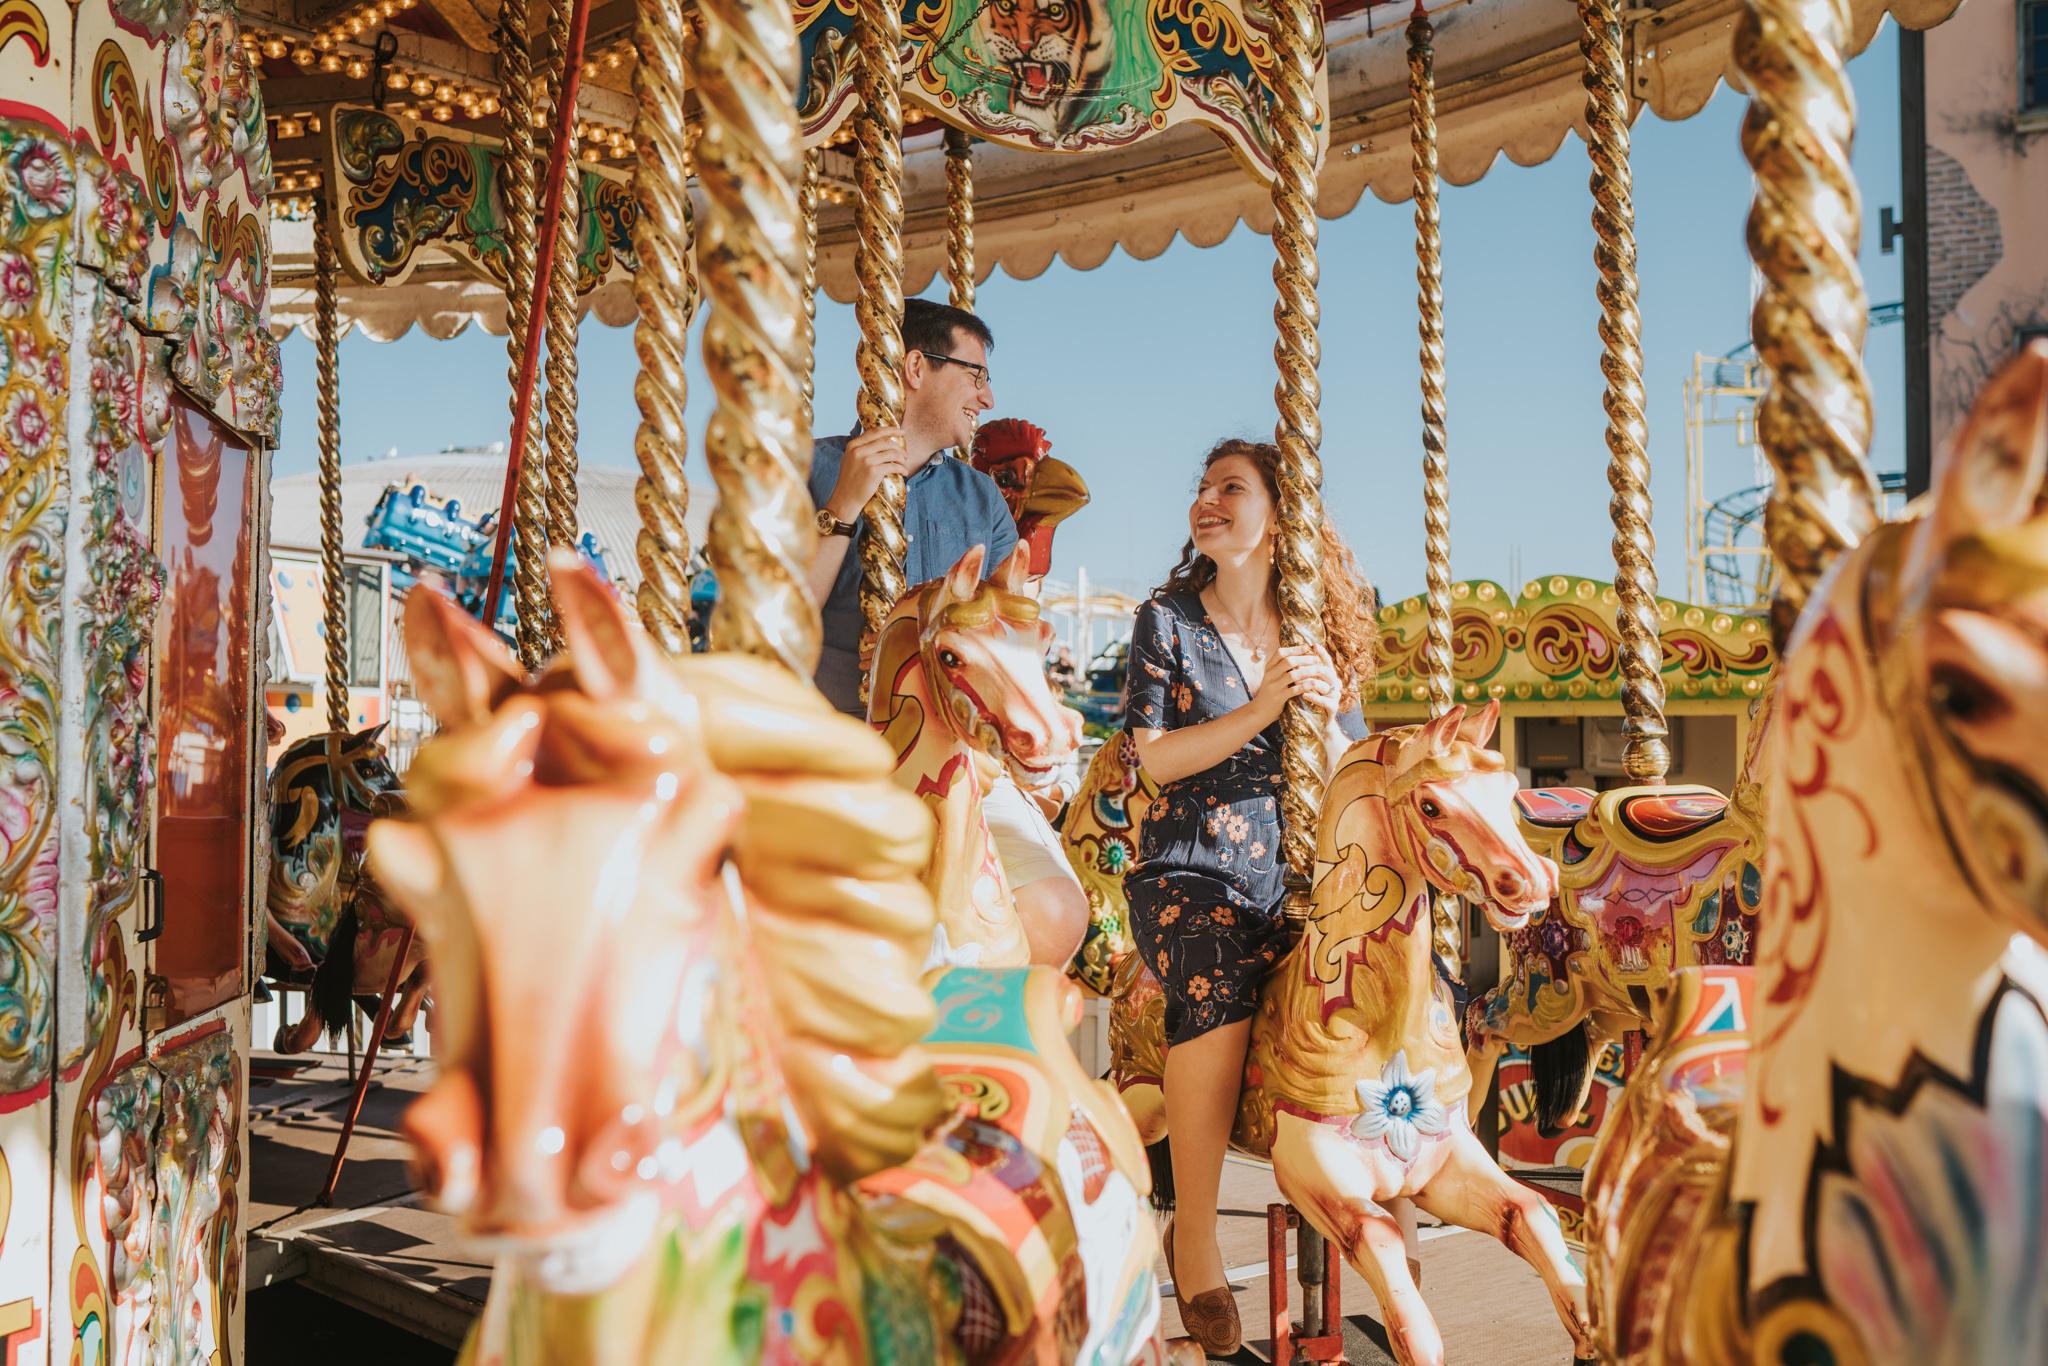 philippa-mark-pre-wedding-session-brighton-pier-colchester-grace-elizabeth-colchester-essex-alternative-wedding-lifestyle-photographer-essex-suffolk-norfolk-devon-14.jpg